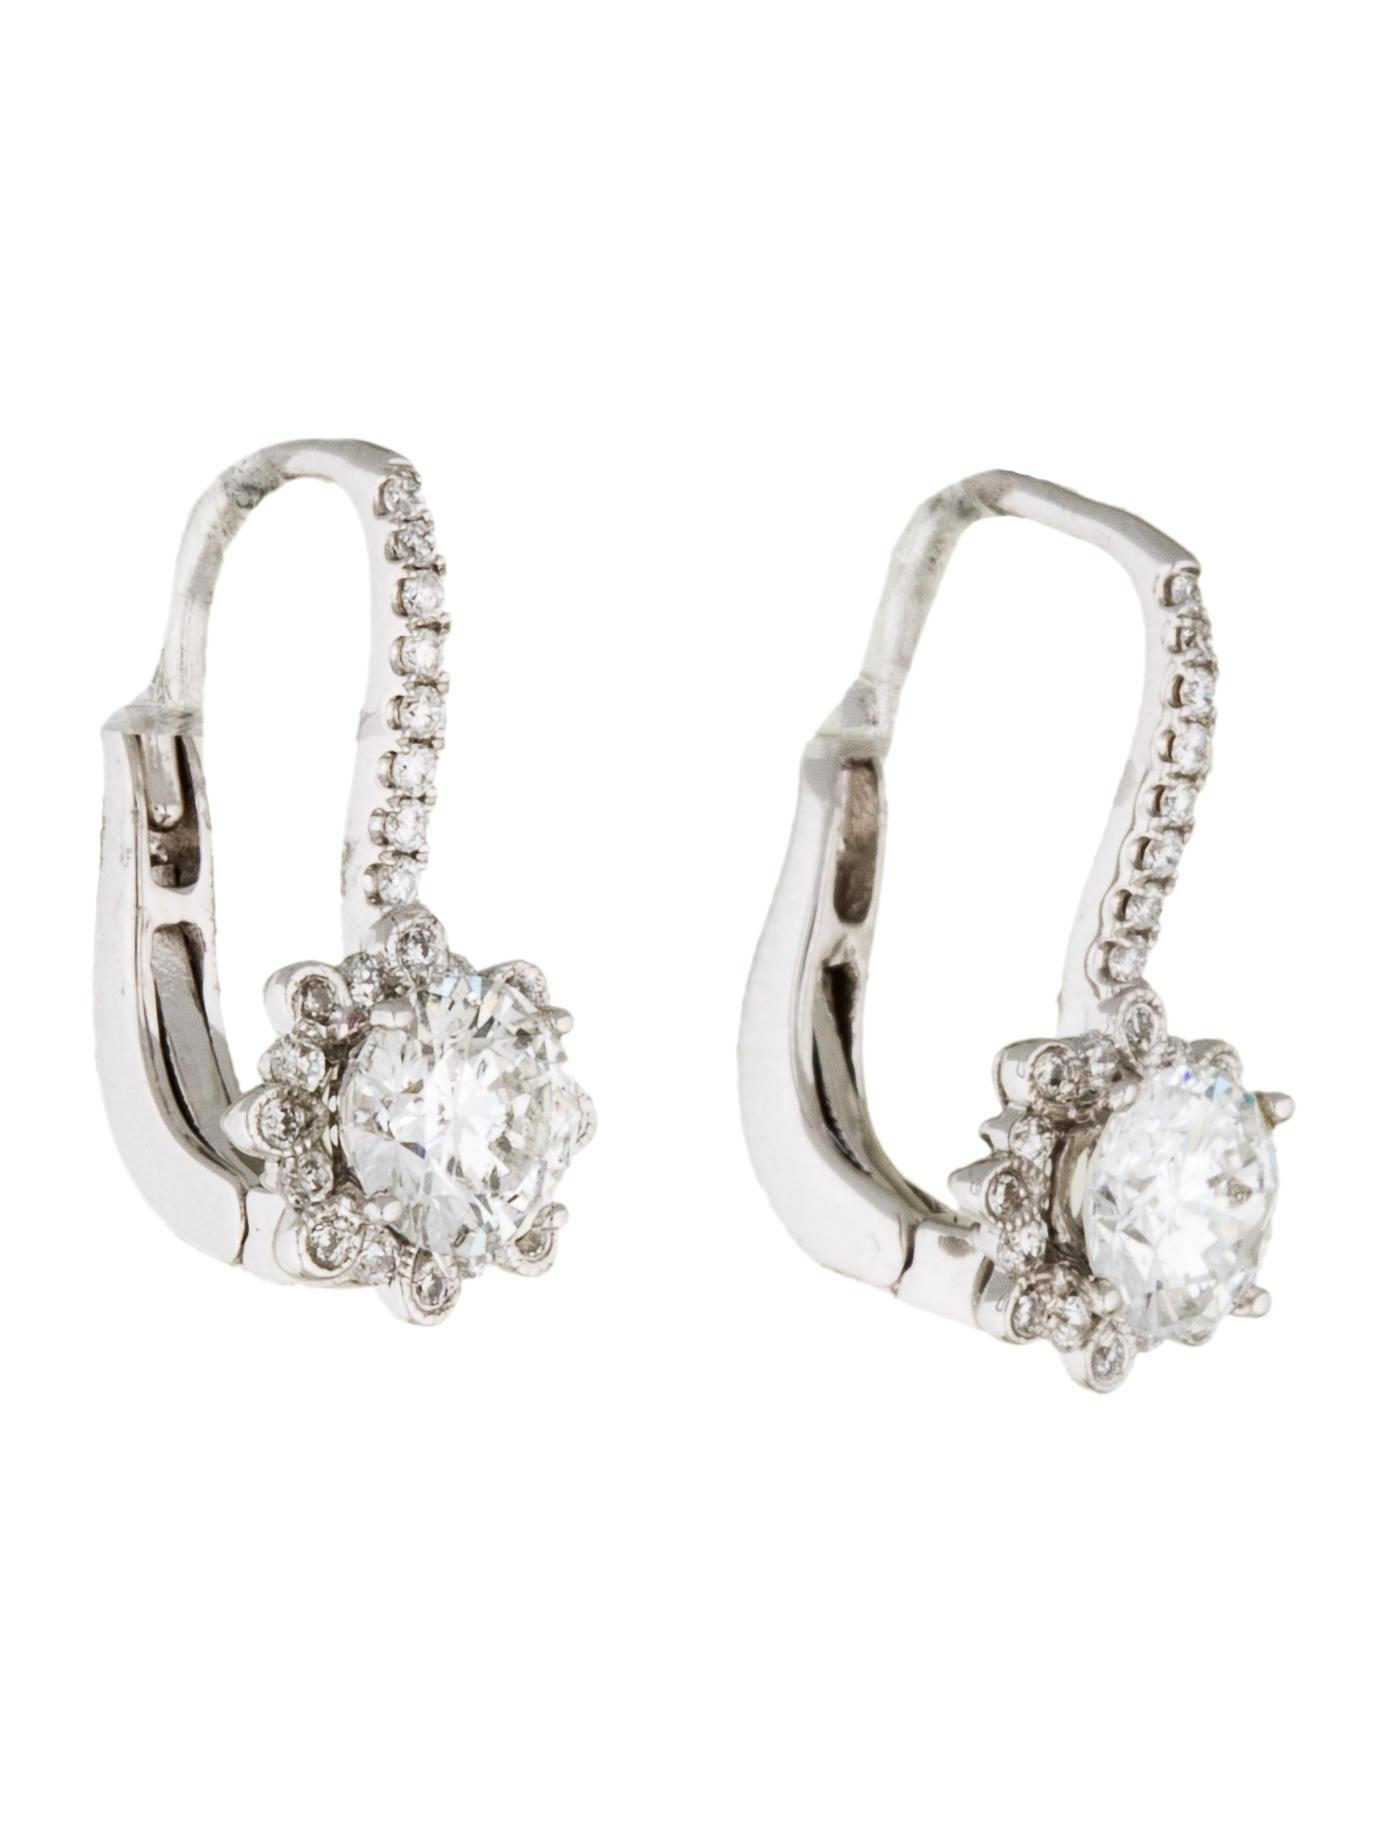 18k Diamond Halo Drop Earrings  Earrings  Earri34162. Mercedes Benz Medallion. Olympic Ring Medallion. Buddhist Medallion. Vintage Medallion. Jewel Medallion. Cherry Lacquer Medallion. Medallion 12ct Medallion. Pharaoh Pendant Medallion